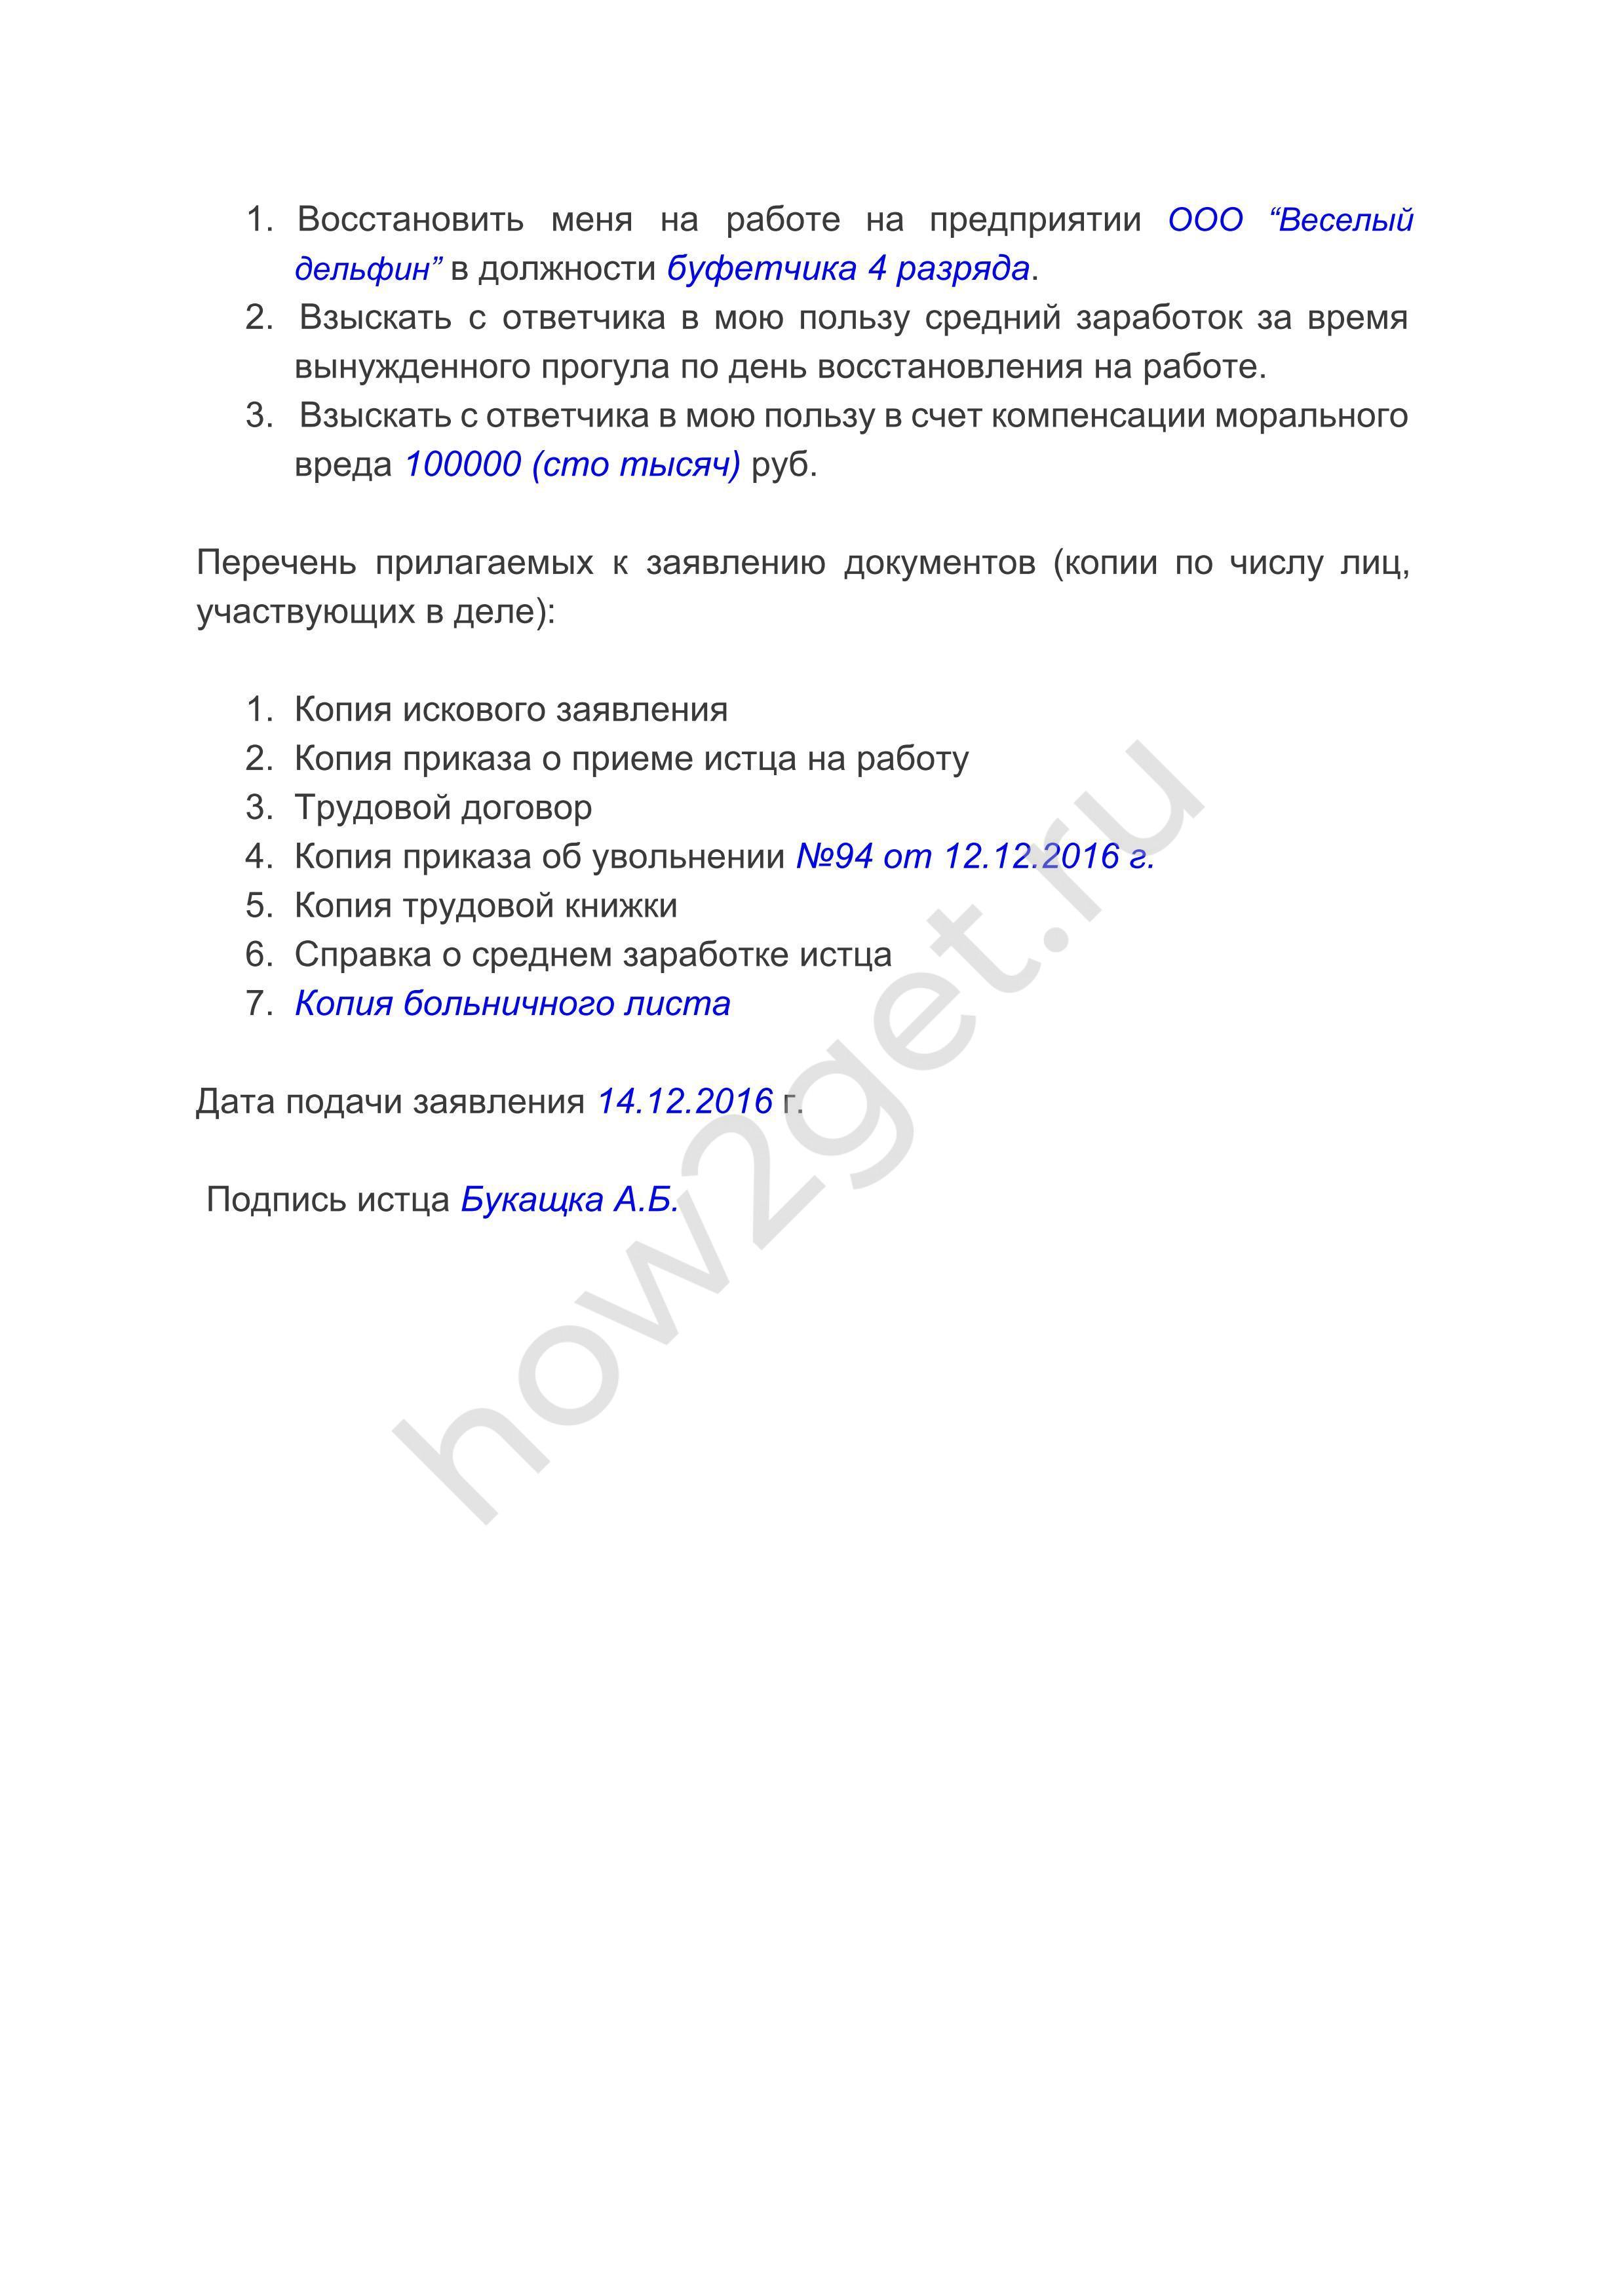 Образец (скачать пример): иск о признании увольнения незаконным, взыскании зарплаты